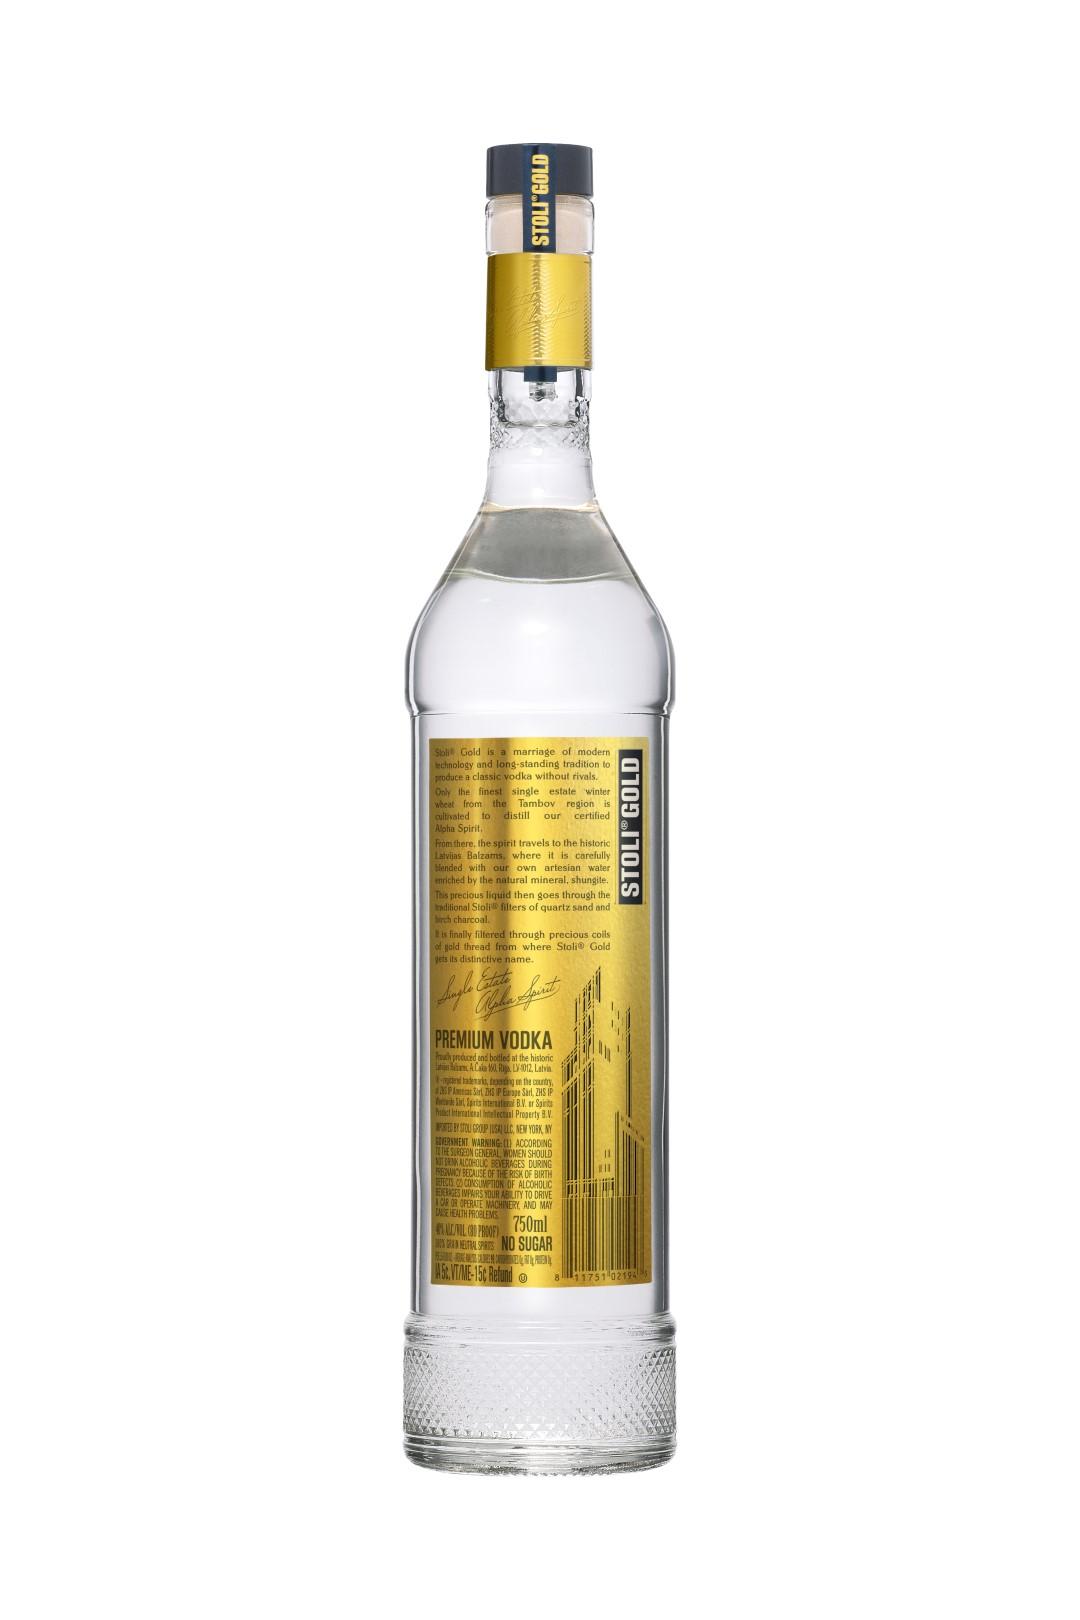 Stolichnaya Stoli Gold Edition Vodka